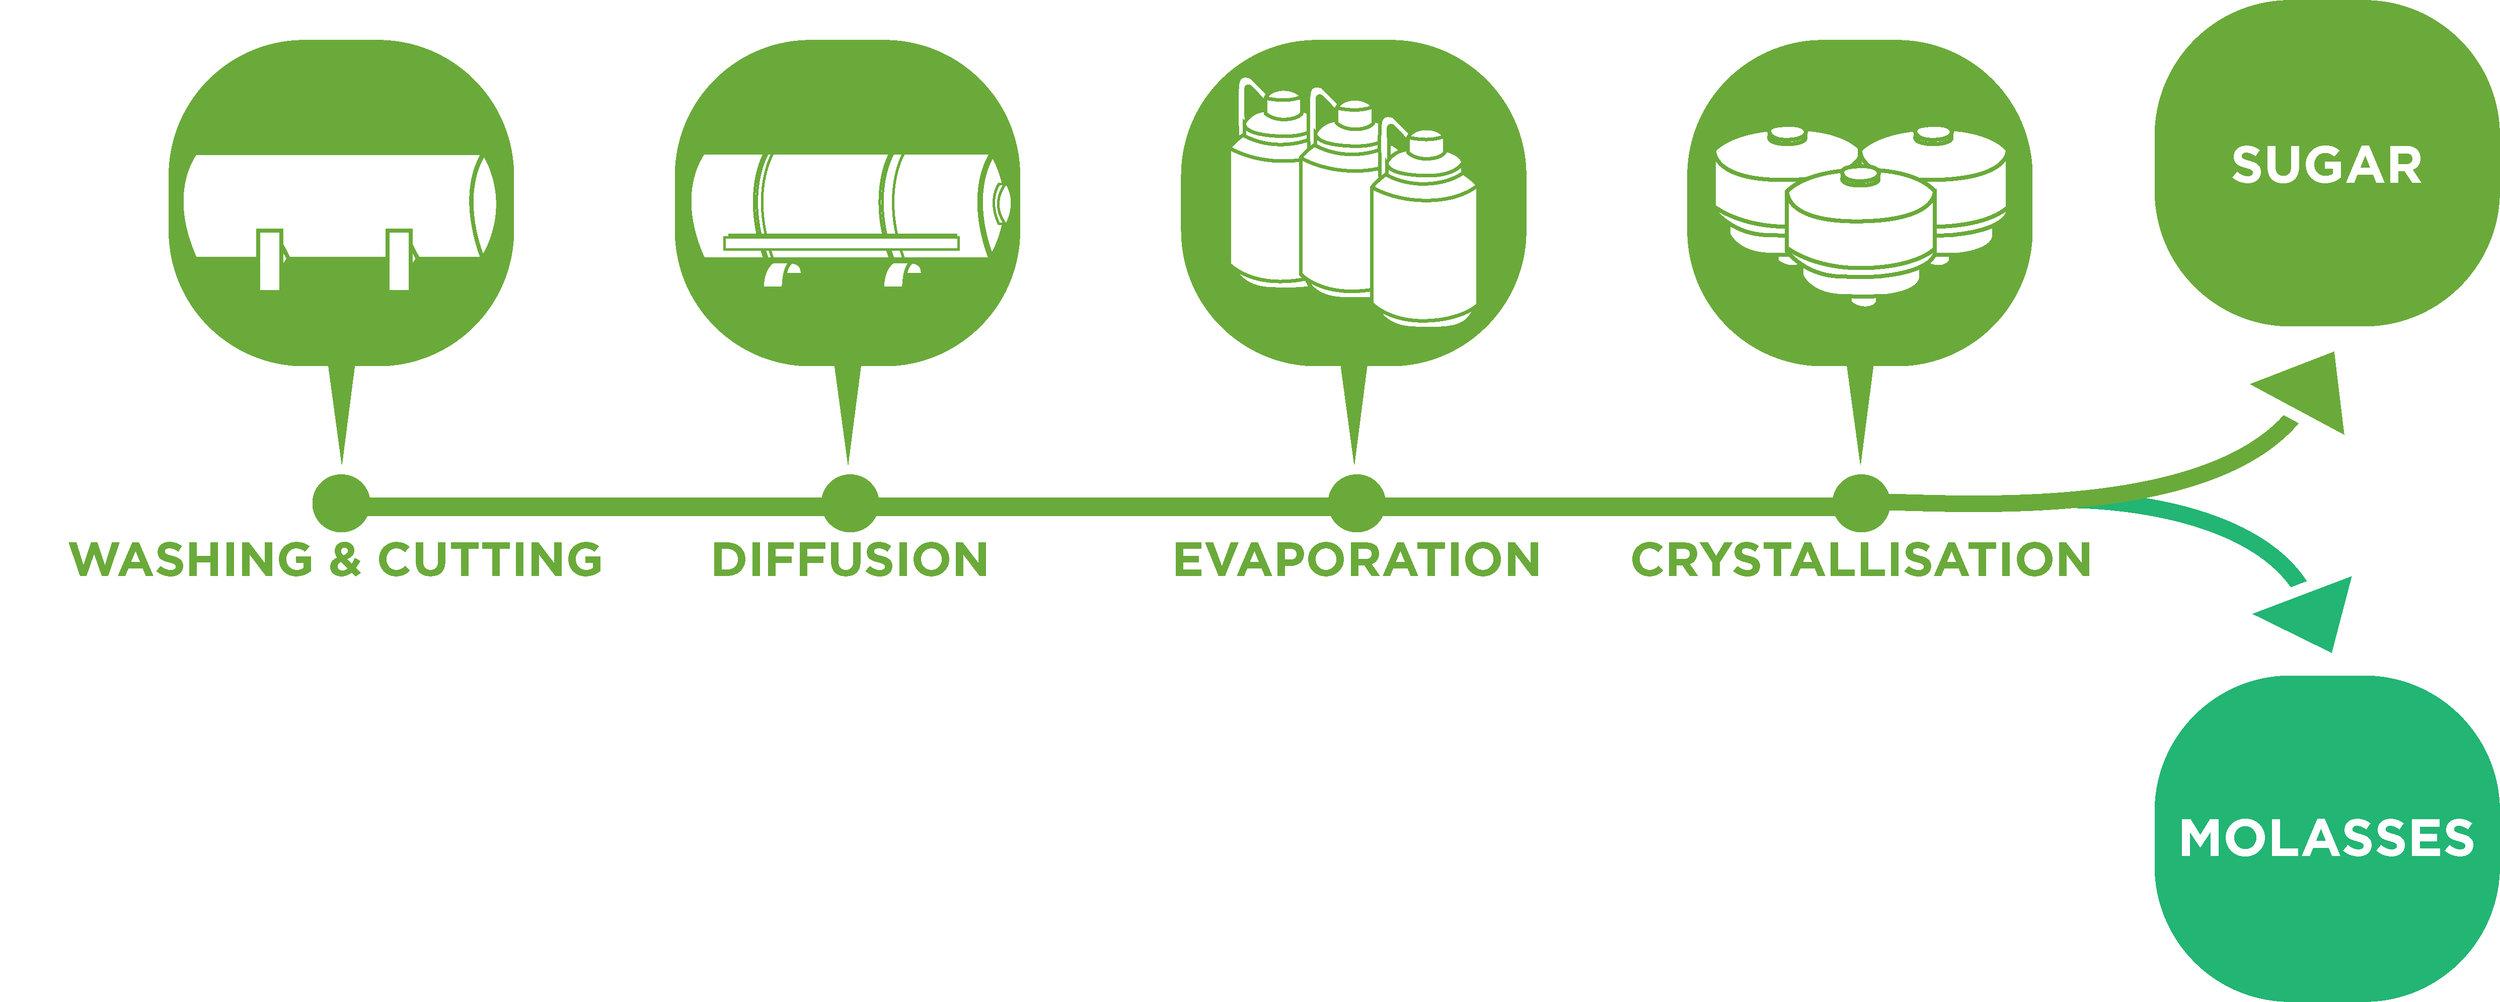 Molasses infography - v2.jpg